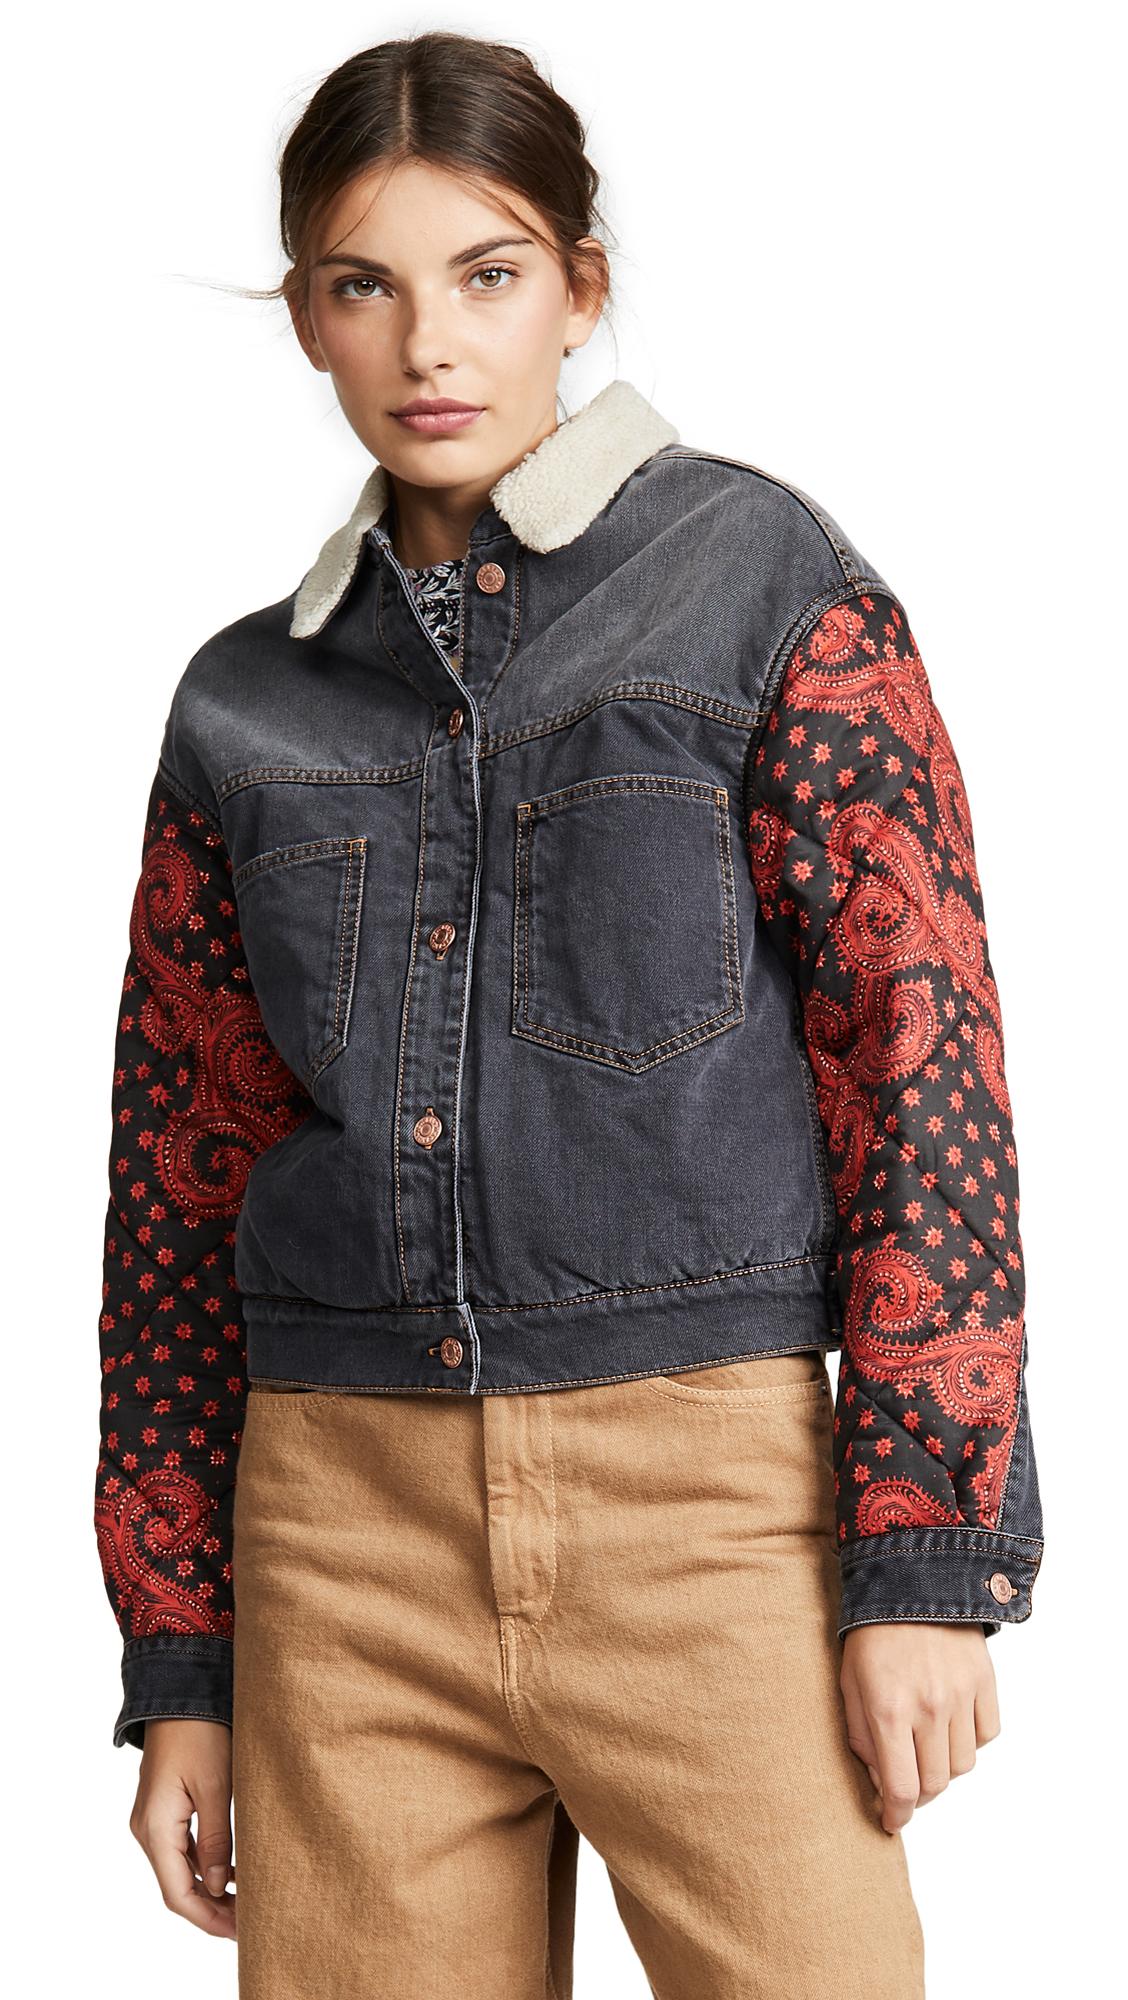 Isabel Marant Etoile Chrissa Jacket In Faded Black